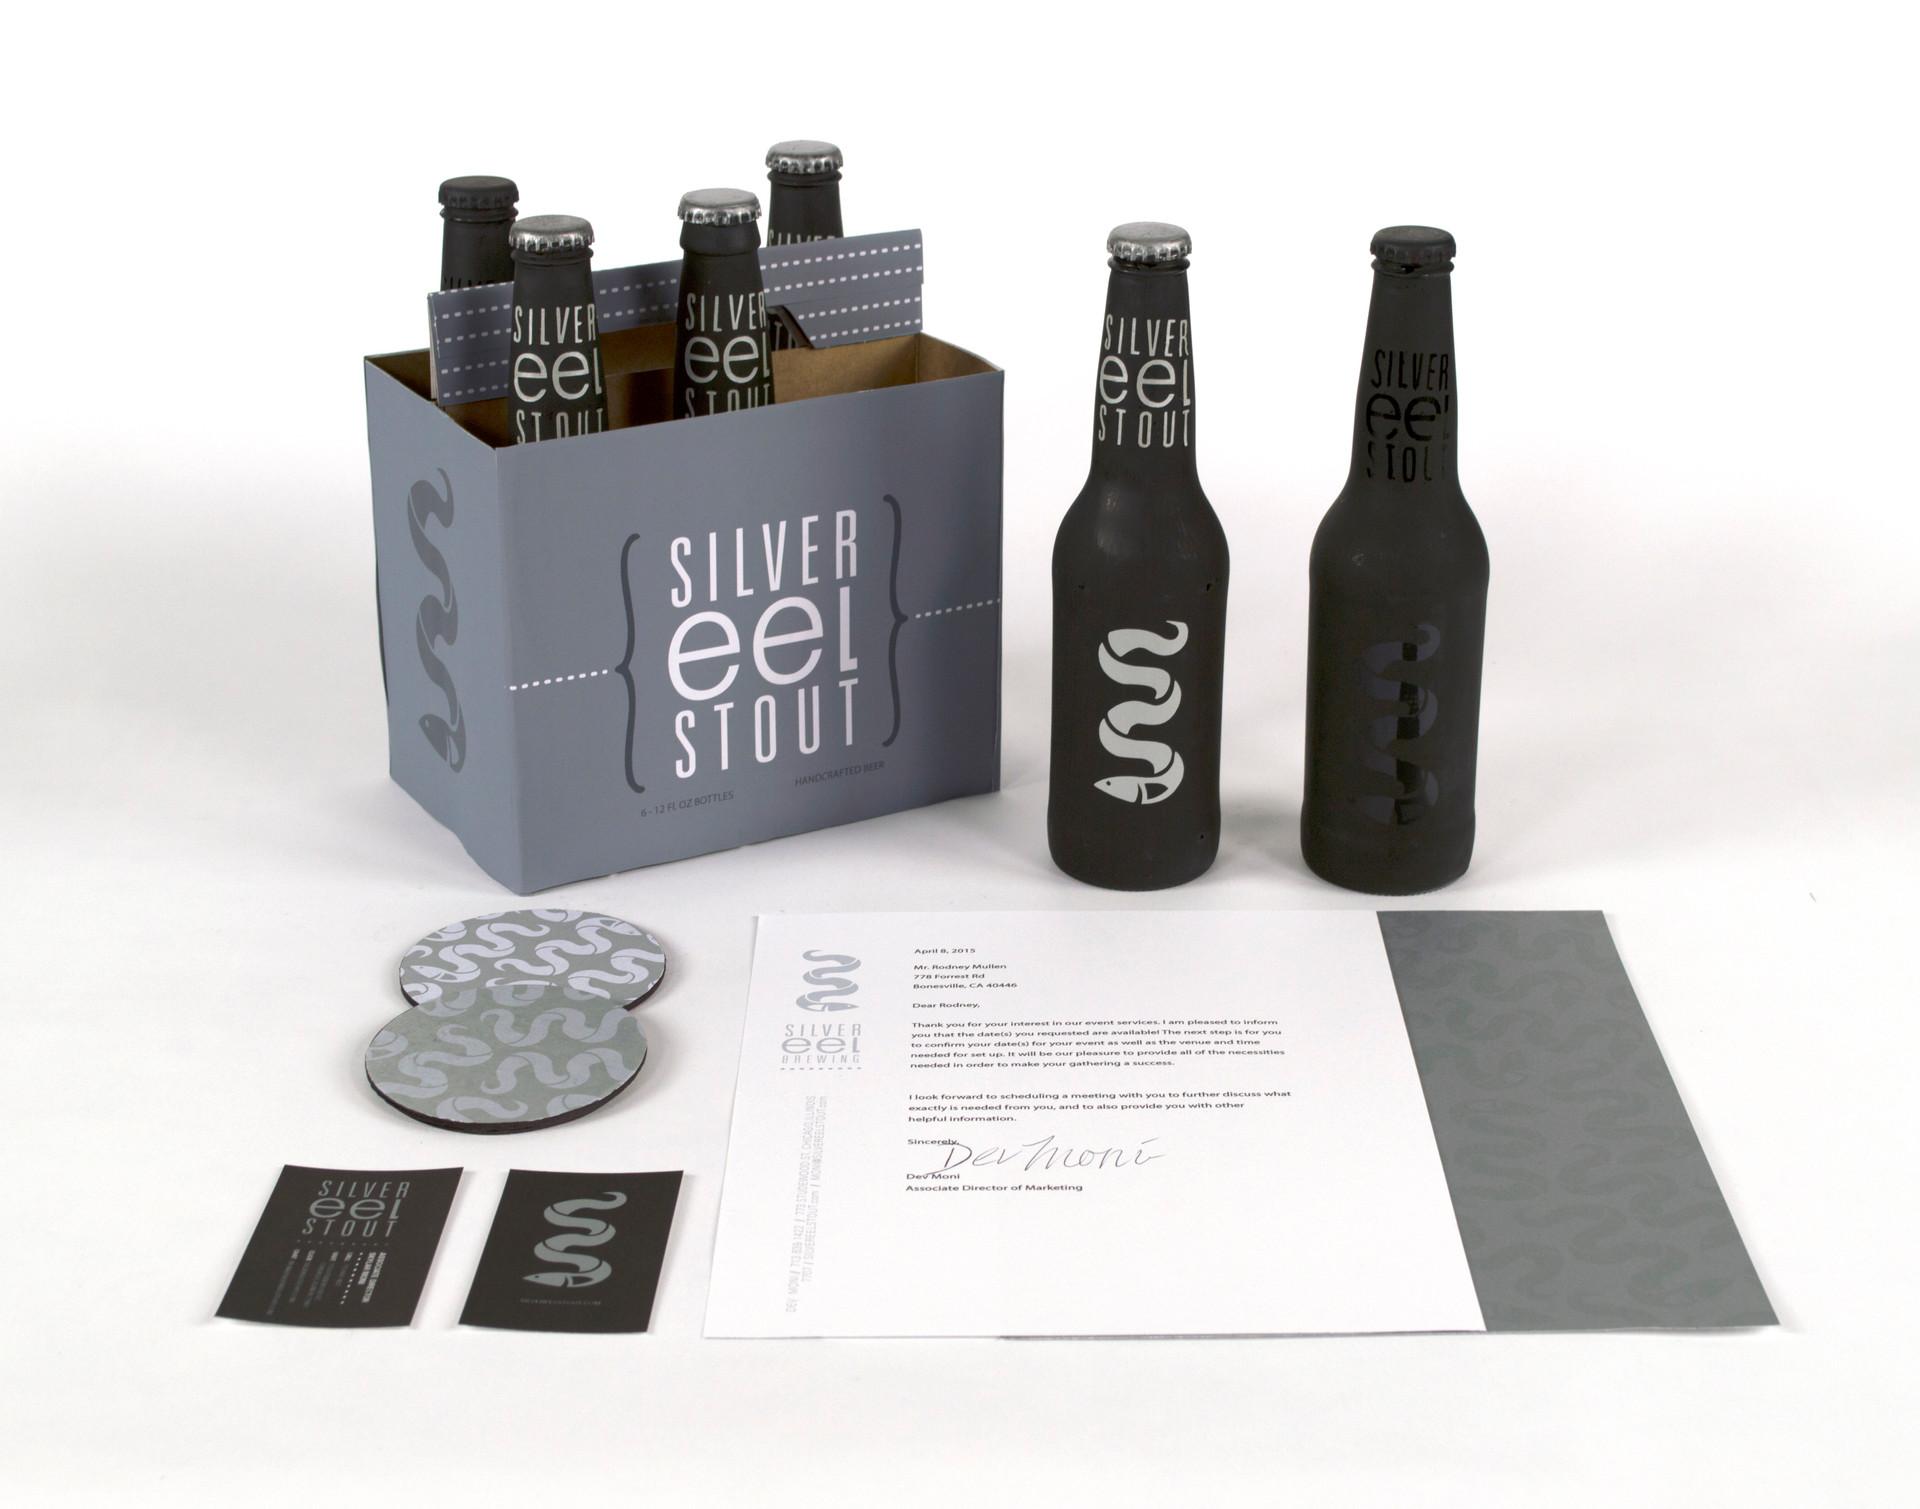 silver eel stout beer branding design